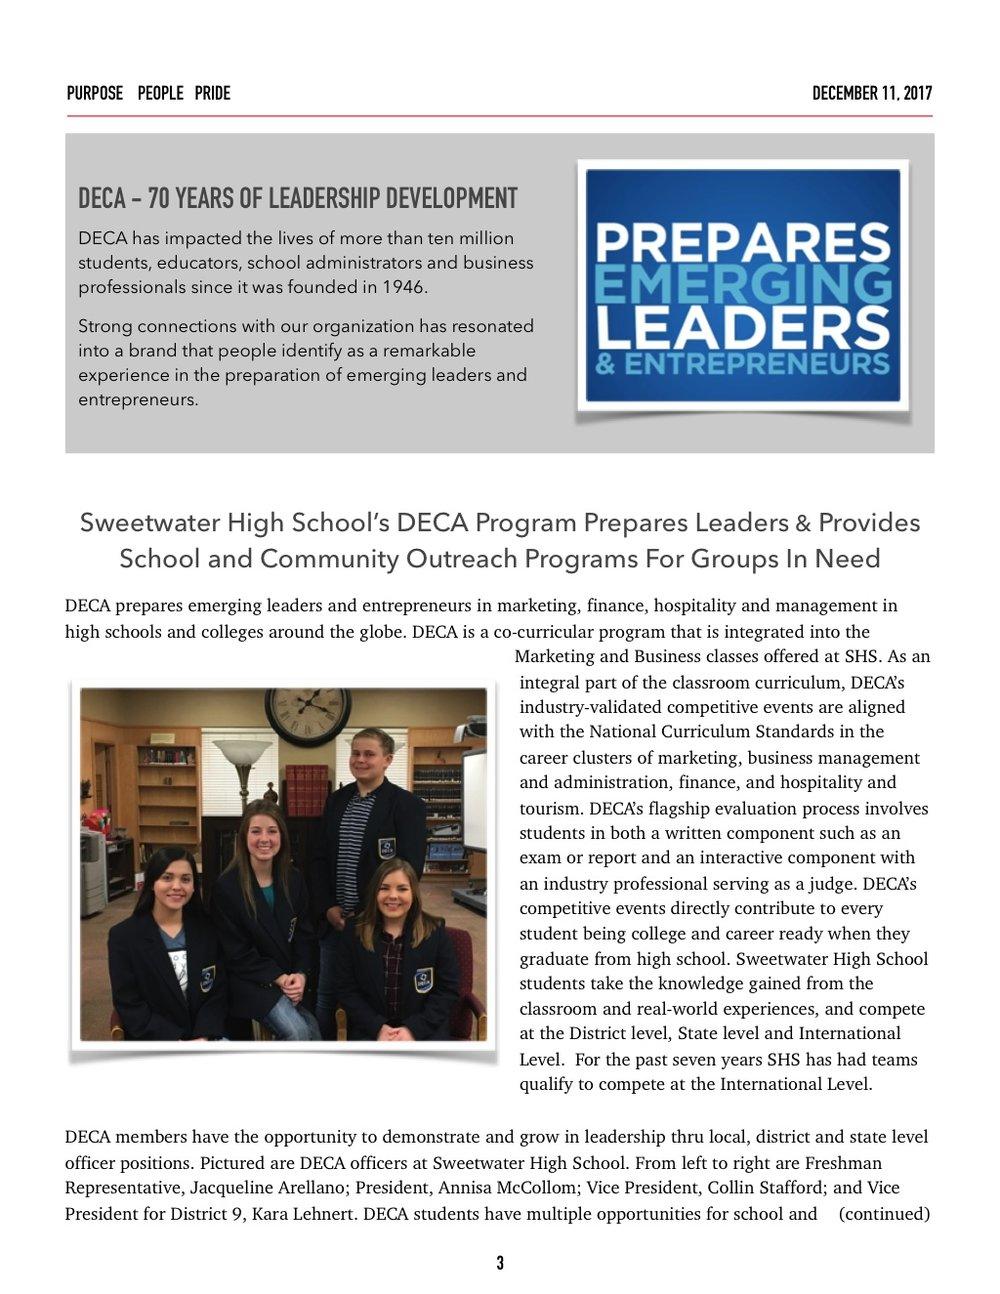 SISD Newsletter December 2017-3.jpg